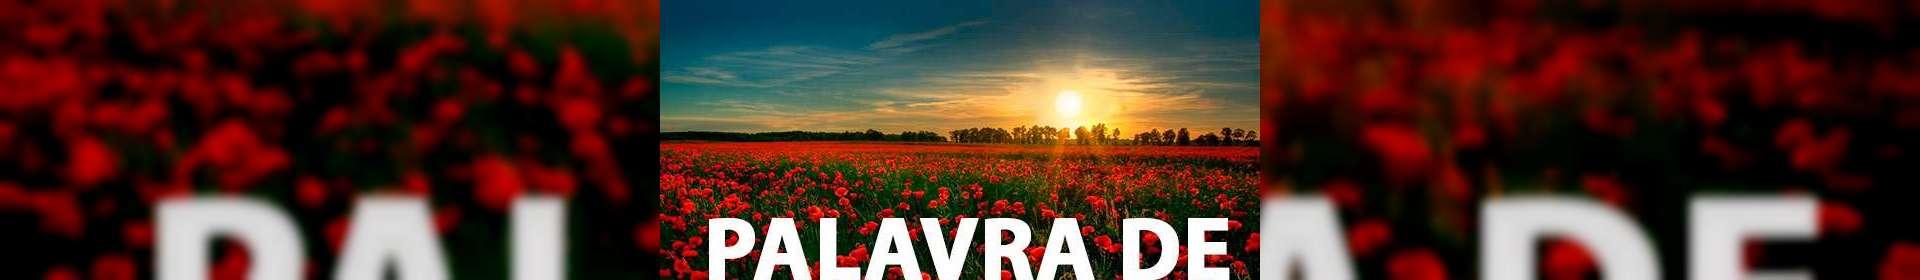 Salmos 68:6 - Uma Palavra de Esperança para sua vida